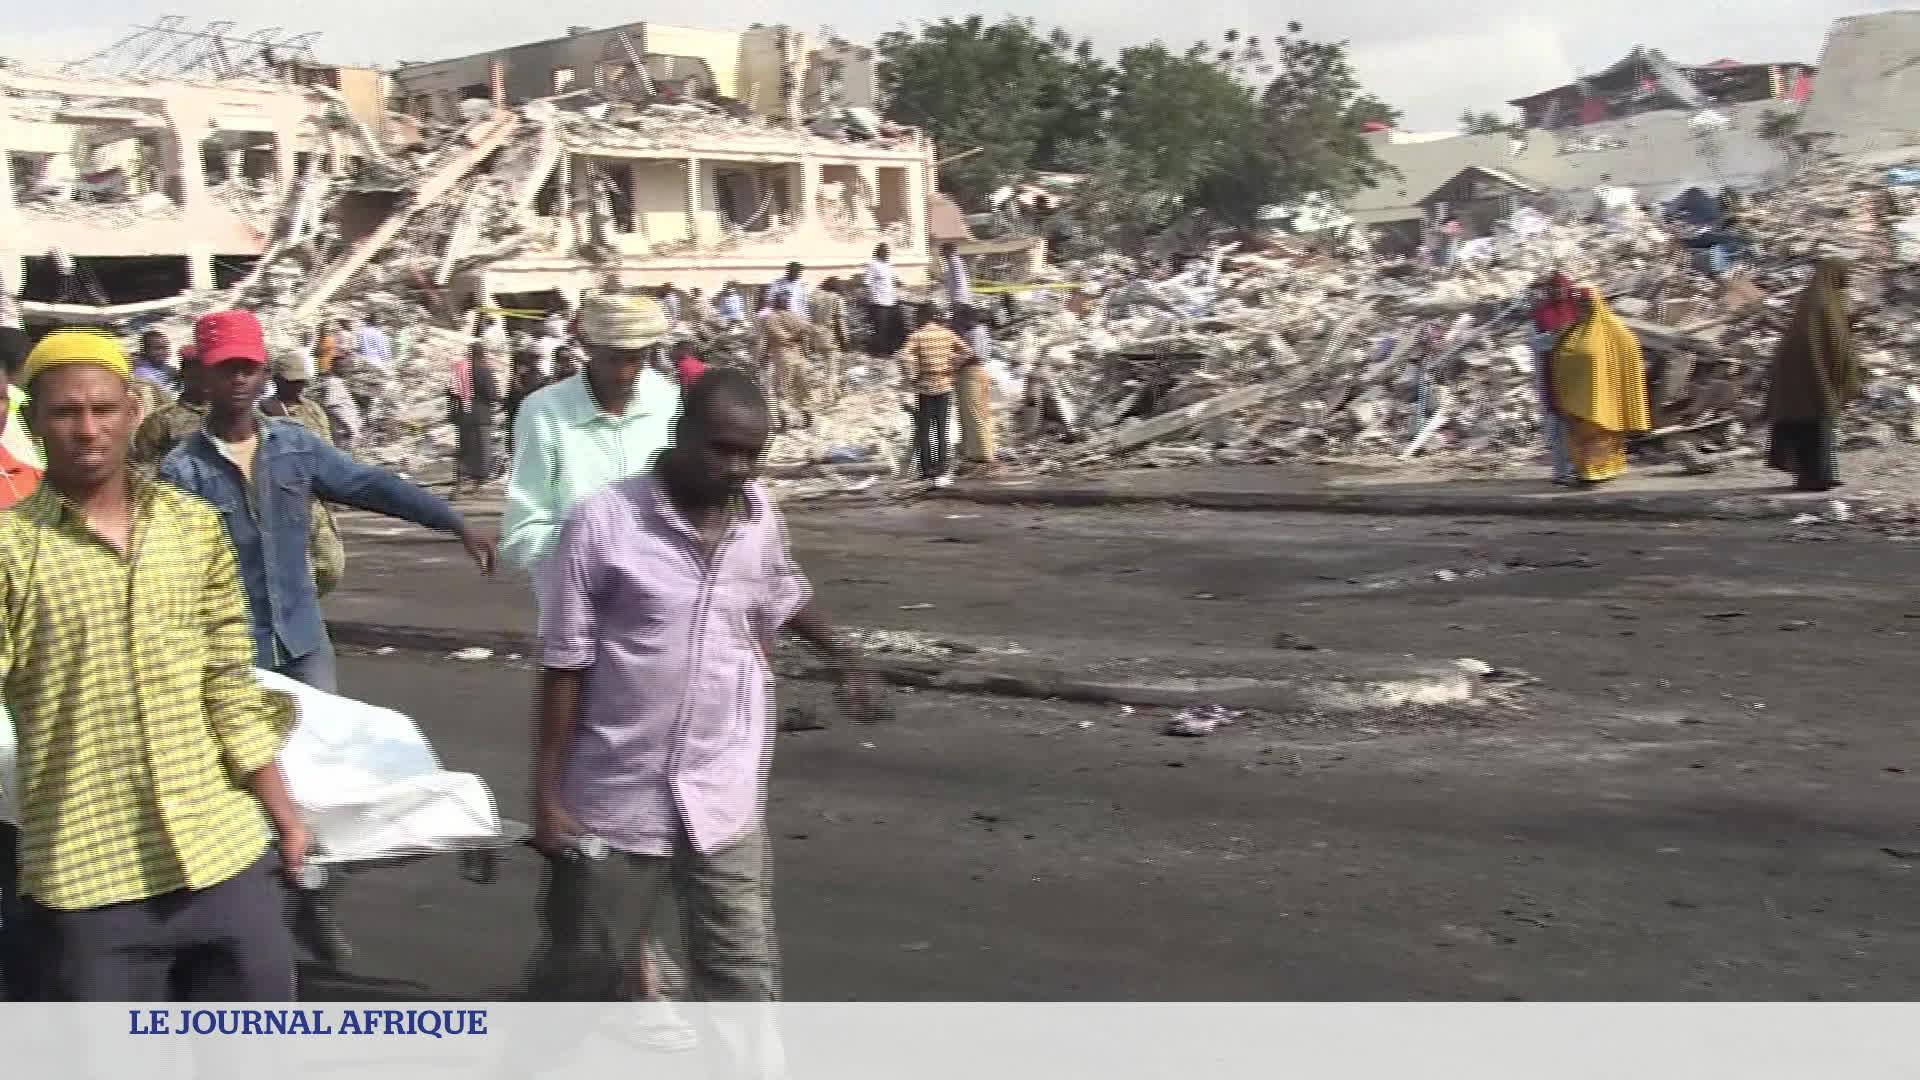 Le terrible attentat de Mogadiscio en Somalie